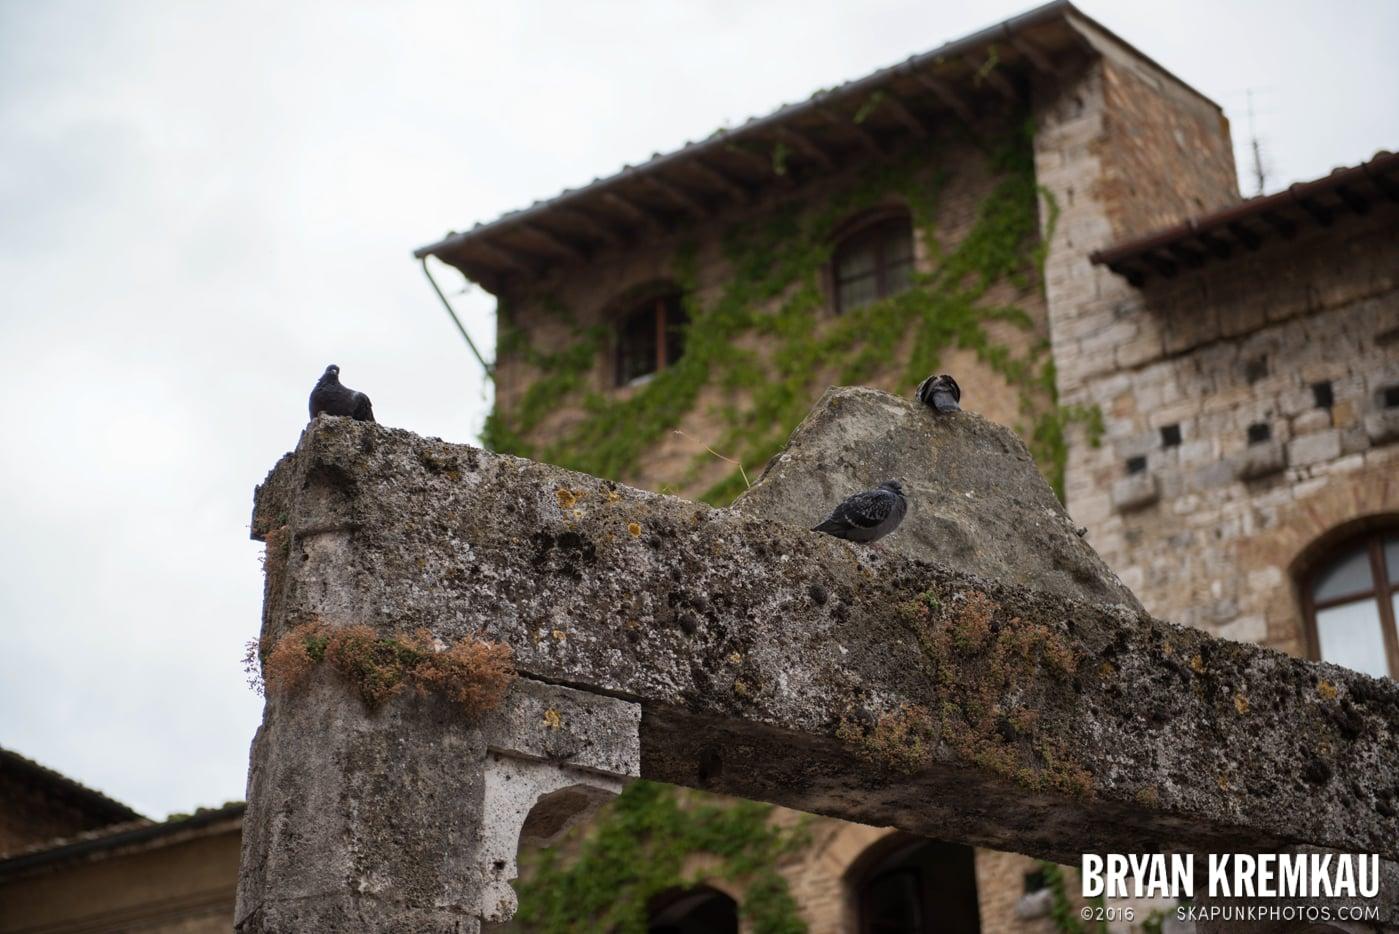 Italy Vacation - Day 8: Siena, San Gimignano, Chianti, Pisa - 9.16.13 (48)